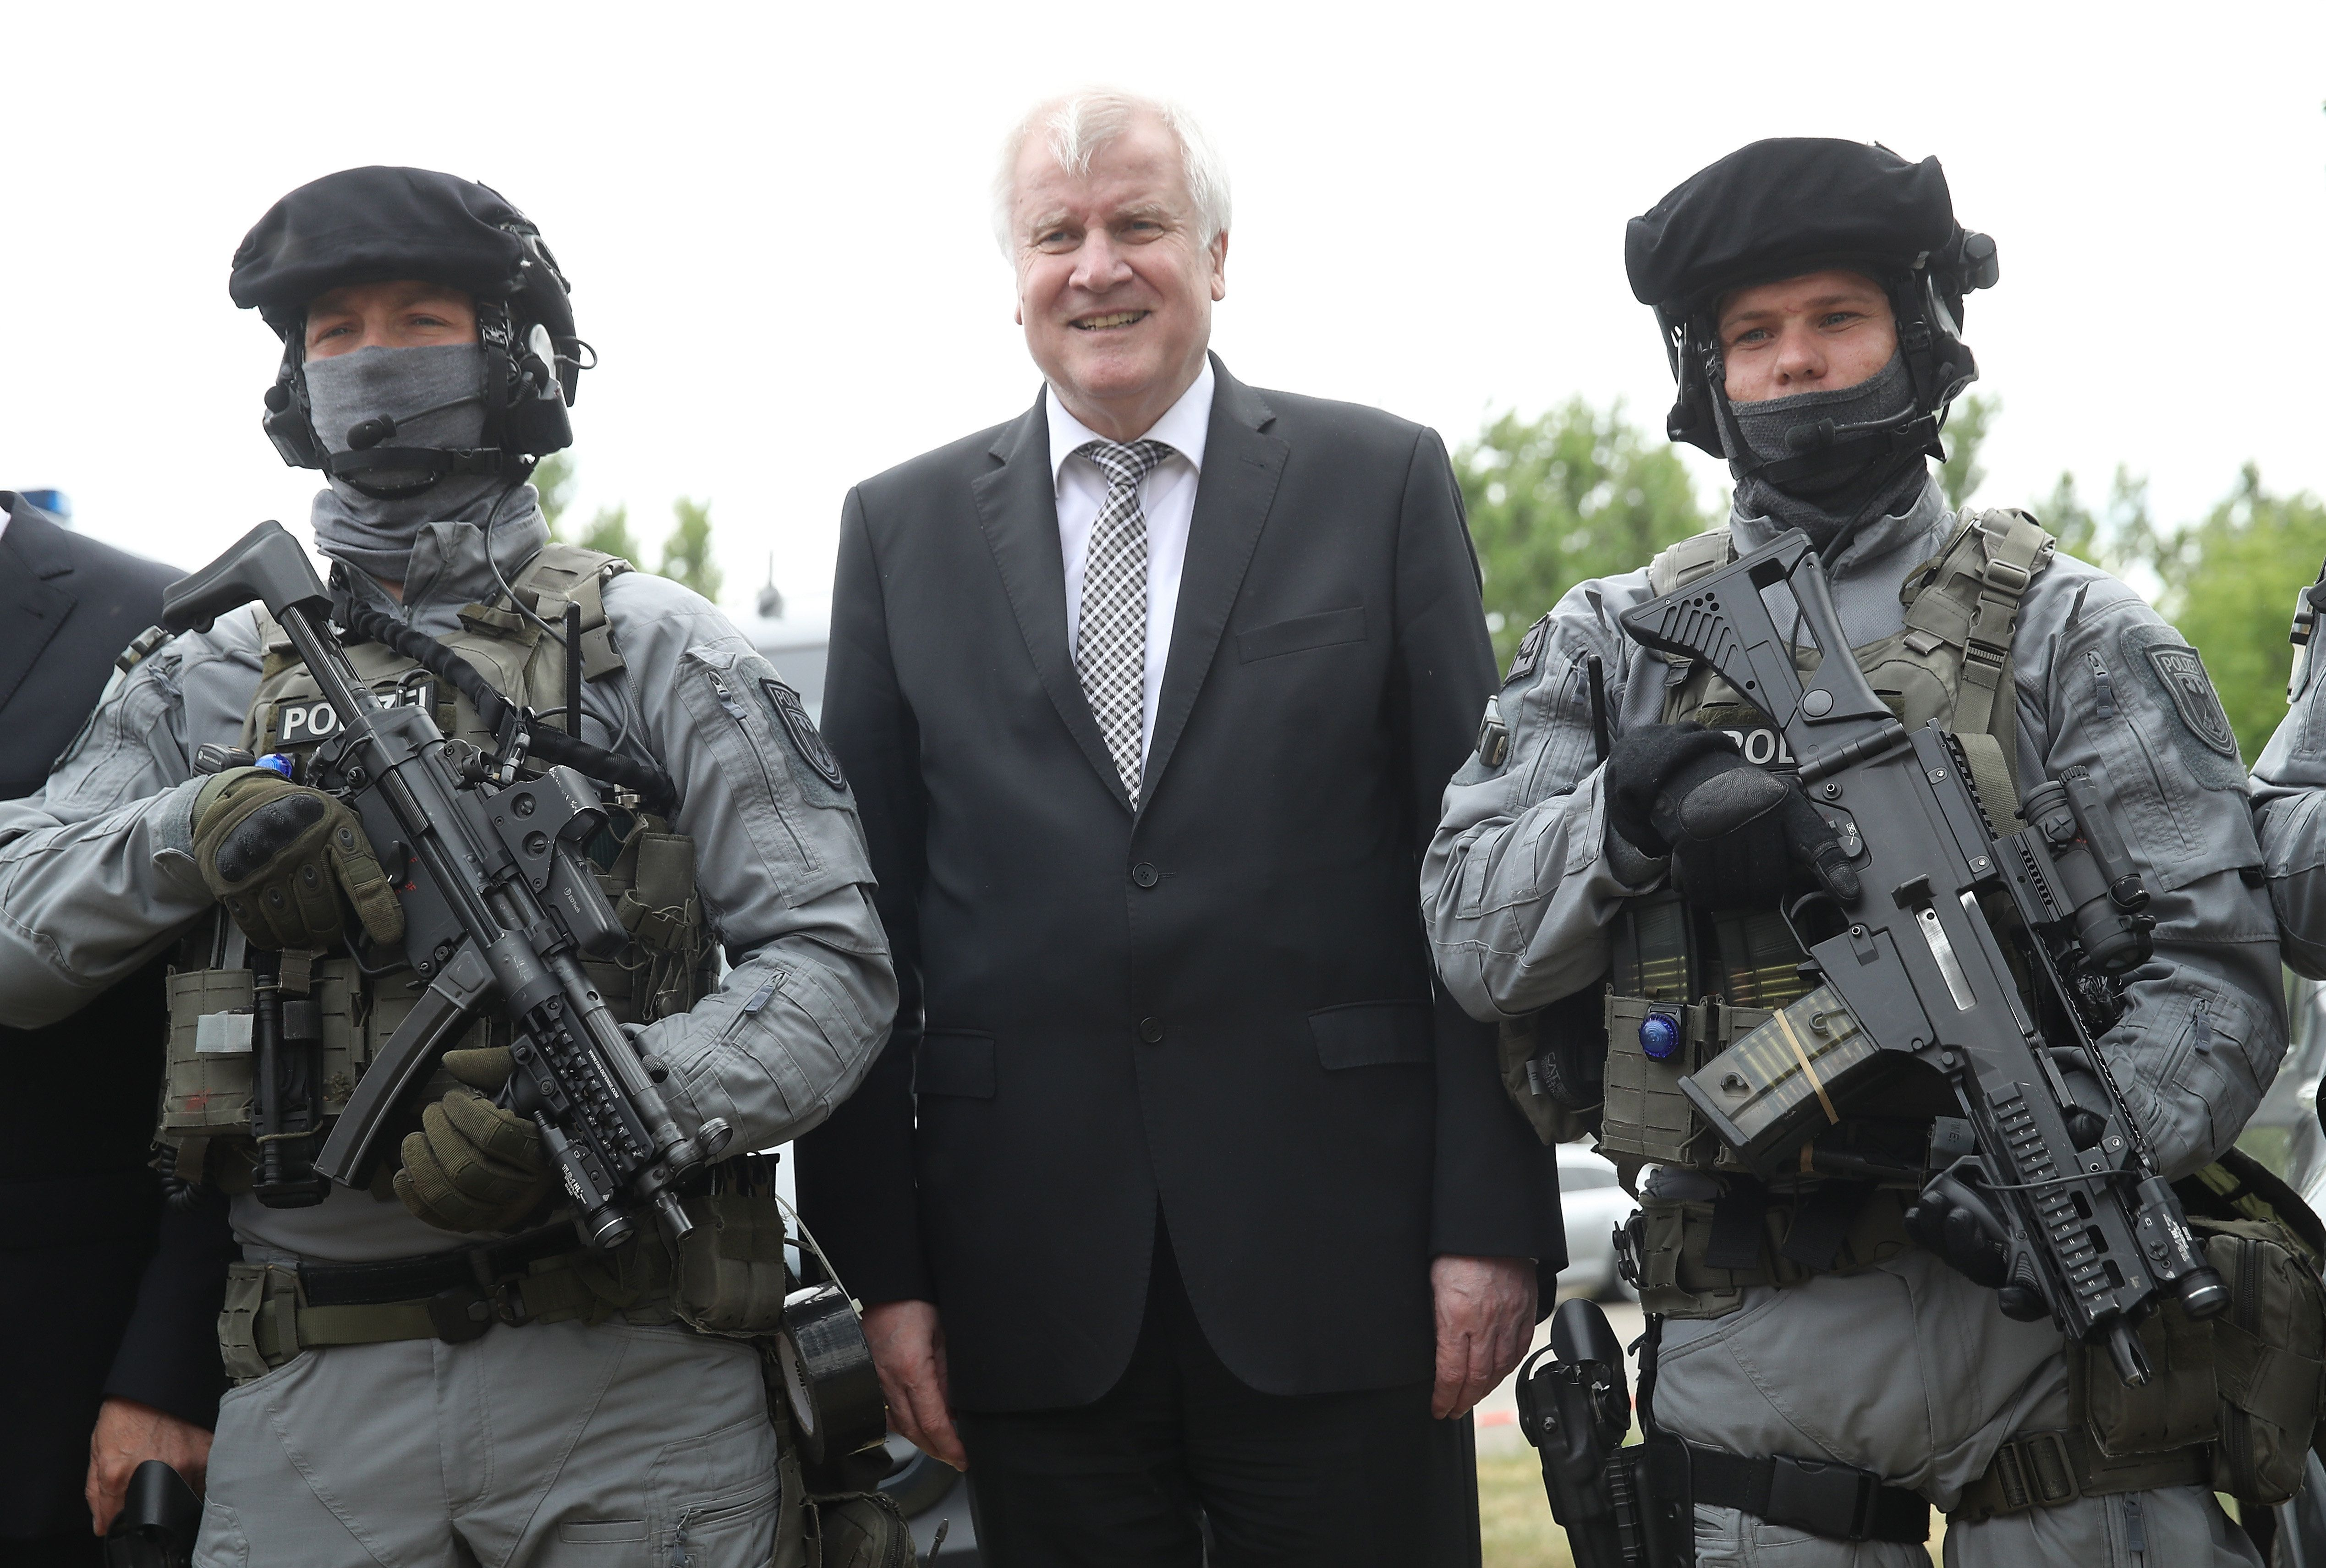 Verstärken die deutschen Medien die Terrorangst? Eine Studie liefert nun deutliche